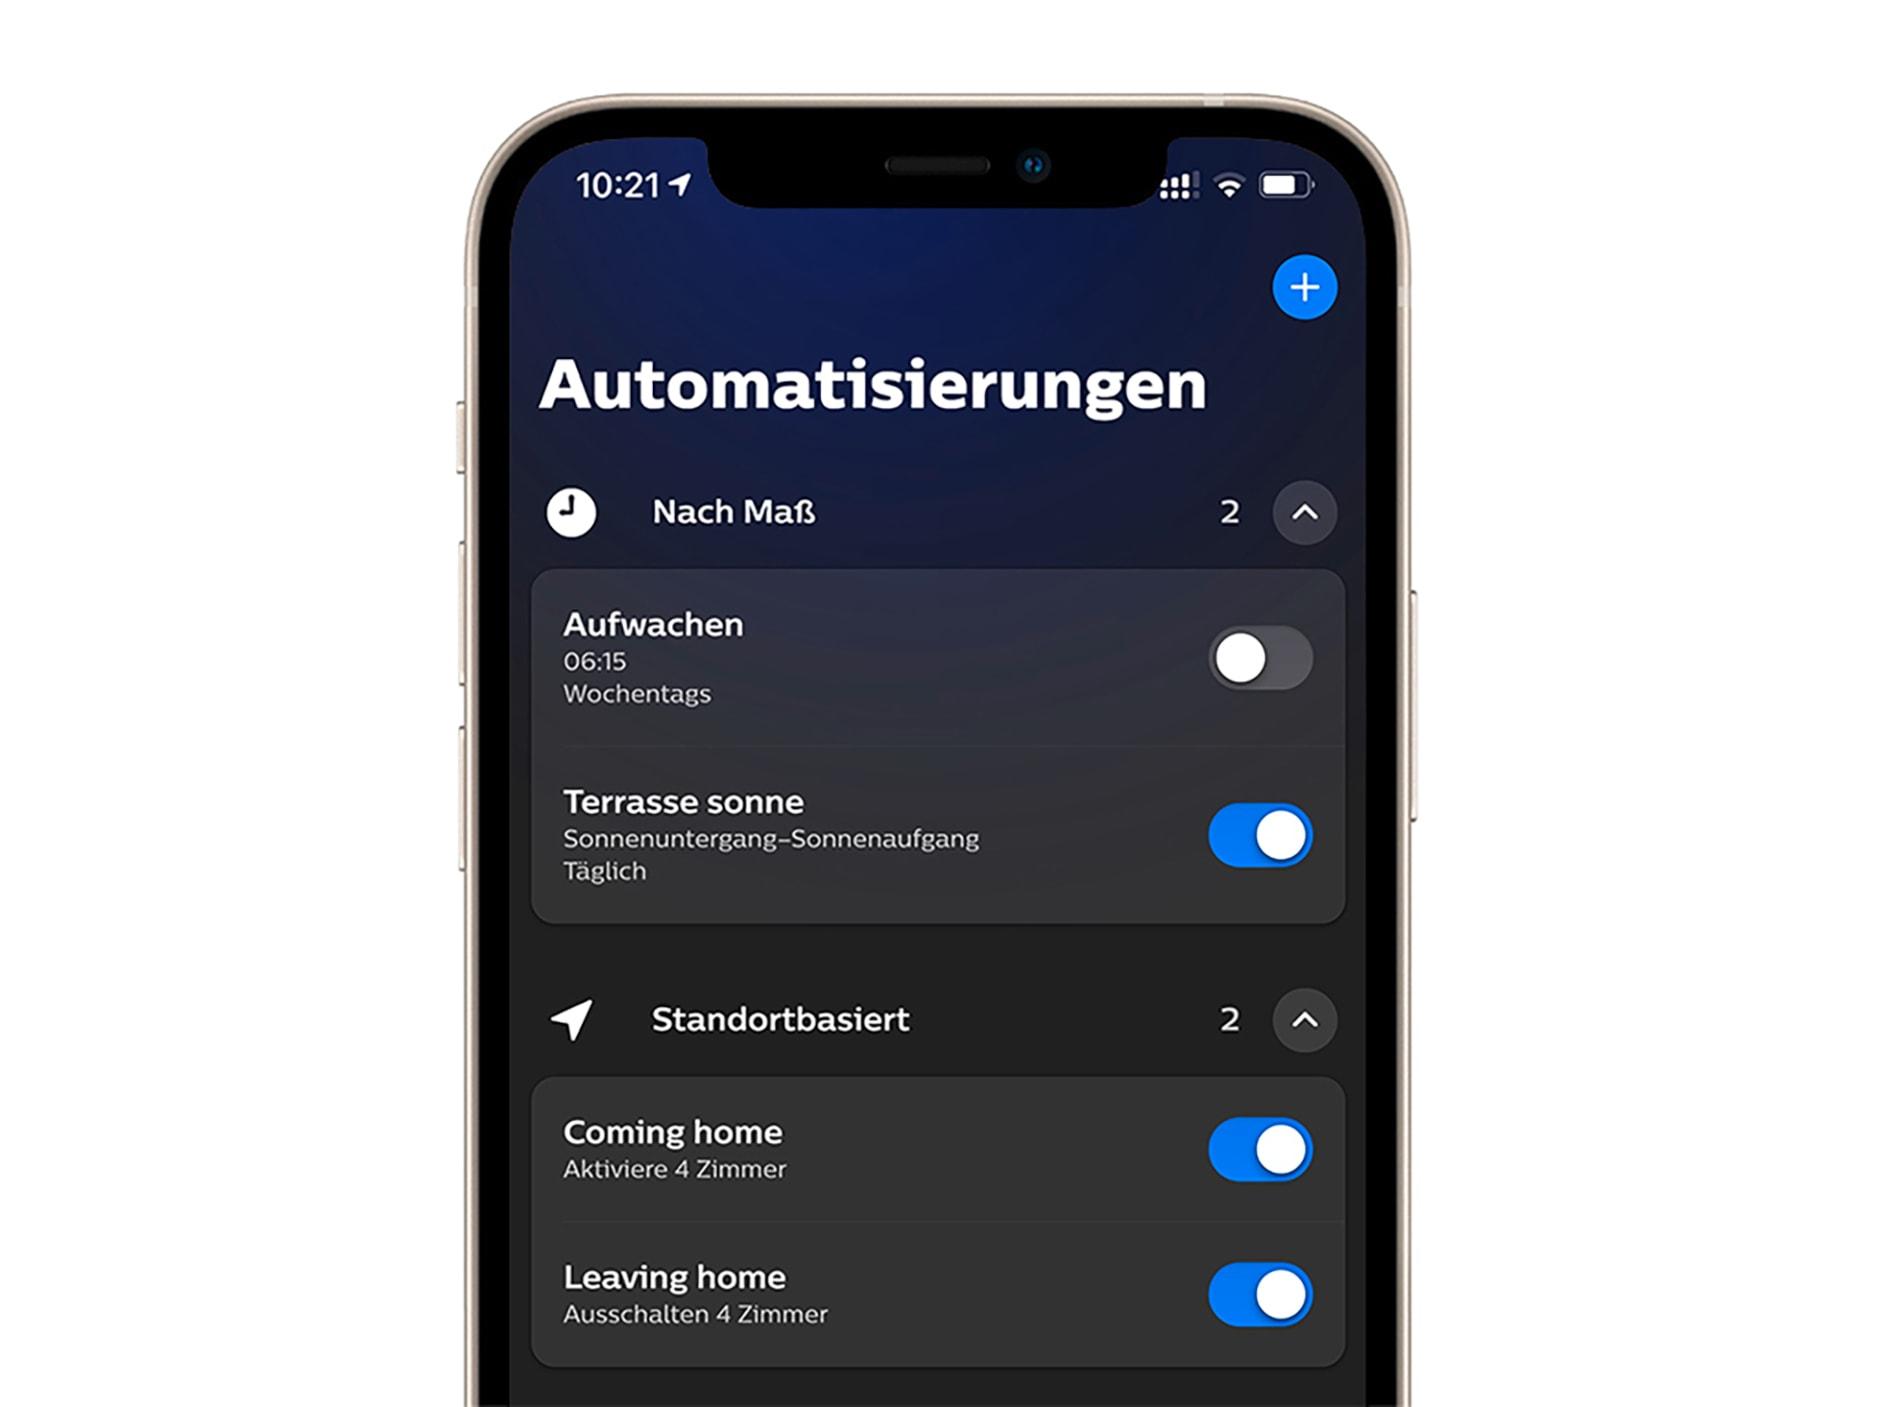 Smartphone zur Hälfte mit Bildschirm, der die App-Einstellungen zum Automatisieren zeigt